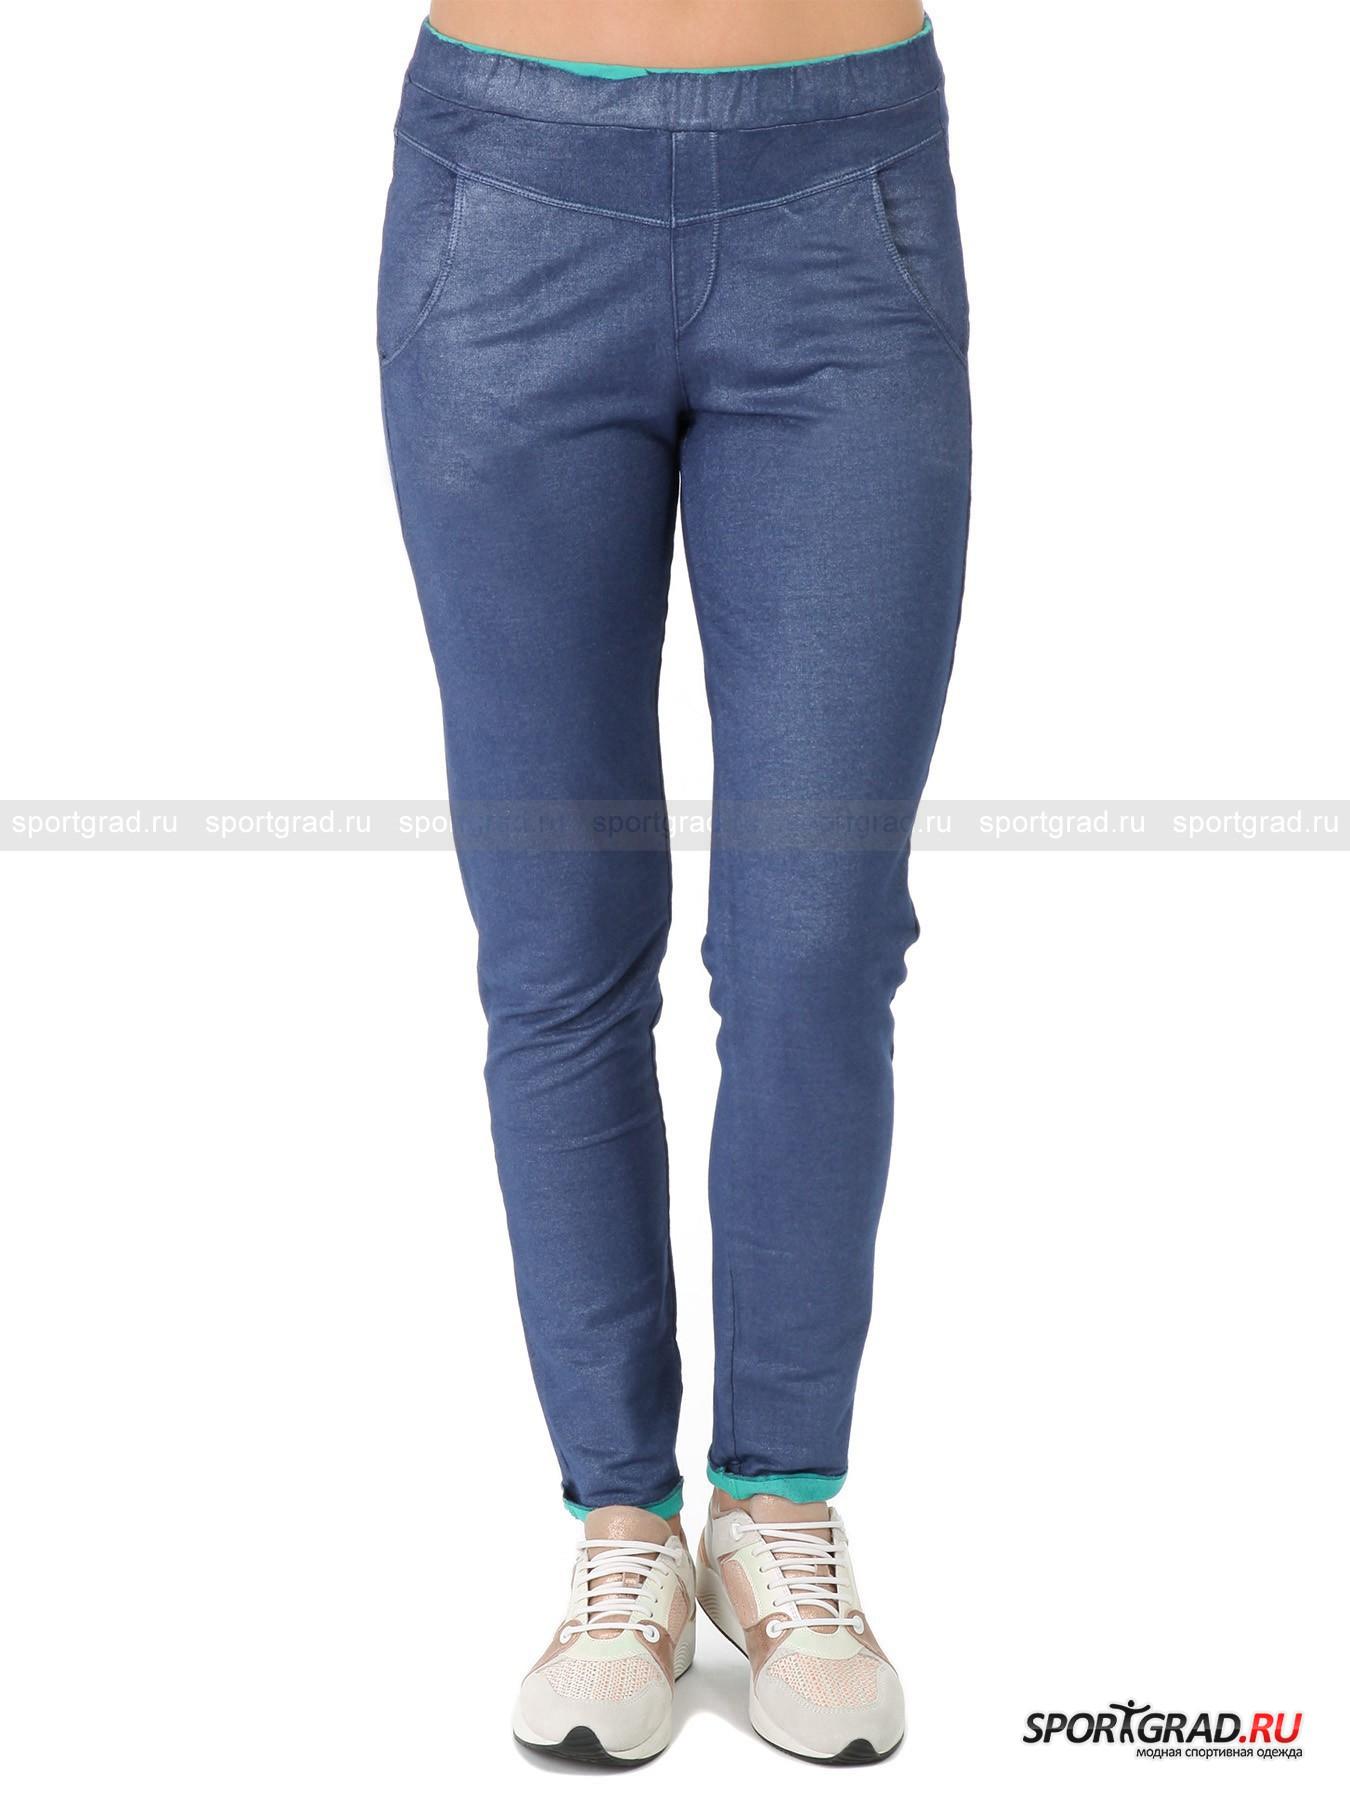 Брюки женские DEHAБрюки<br>Мягкие и эластичные брюки-леггинсы Deha – легкий способ создать эффектный образ. Они очень удобны, так как ткань изготовления приятная на ощупь и превосходно тянущаяся, штаны не имеют застежек и держатся только с помощью пояса на резинке. Легкий блеск по всей поверхности смотрится благородно и ненавязчиво, отвороты мятного цвета придают вещи игривость и свежесть. Также имеются два кармана по бокам и два сзади, фирменная нашивка и кокетка, формирующая соблазнительный силуэт ягодиц.<br><br>Пол: Женский<br>Возраст: Взрослый<br>Тип: Брюки<br>Рекомендации по уходу: стирка в теплой воде до 30 С; не отбеливать; гладить слегка нагретым утюгом (температура до 120 C); только сухая чистка; нельзя выжимать и сушить в стиральной машине<br>Состав: 96% хлопок, 4% эластан; изнанка 100% хлопок